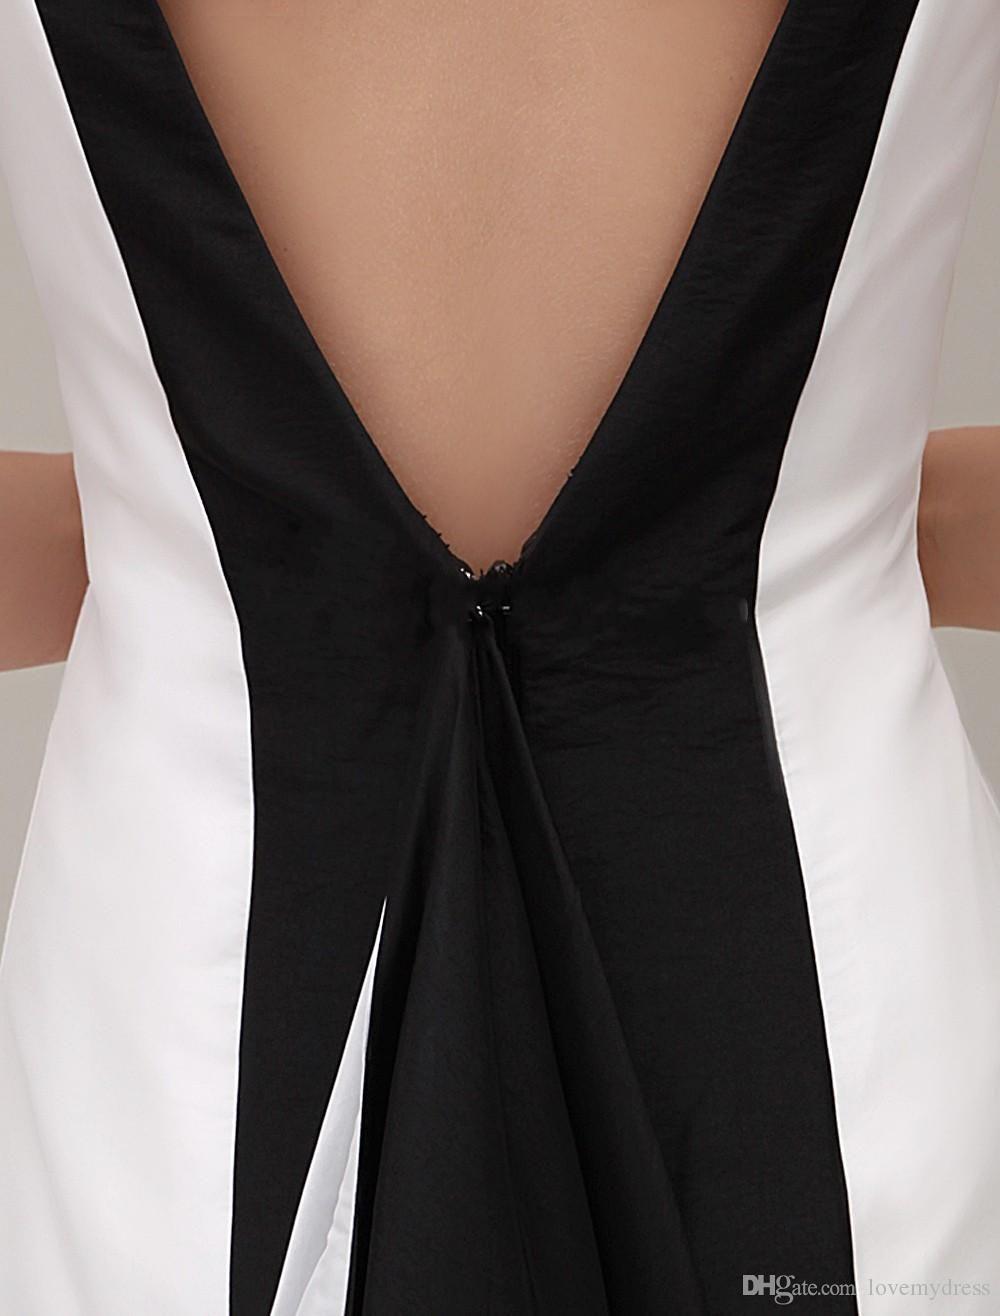 Traje de noche vestidos de noche de la joya barata blanco y Negro vaina delgada Long gProm atractivo Backless sin mangas de cuello de encargo viste el envío libre